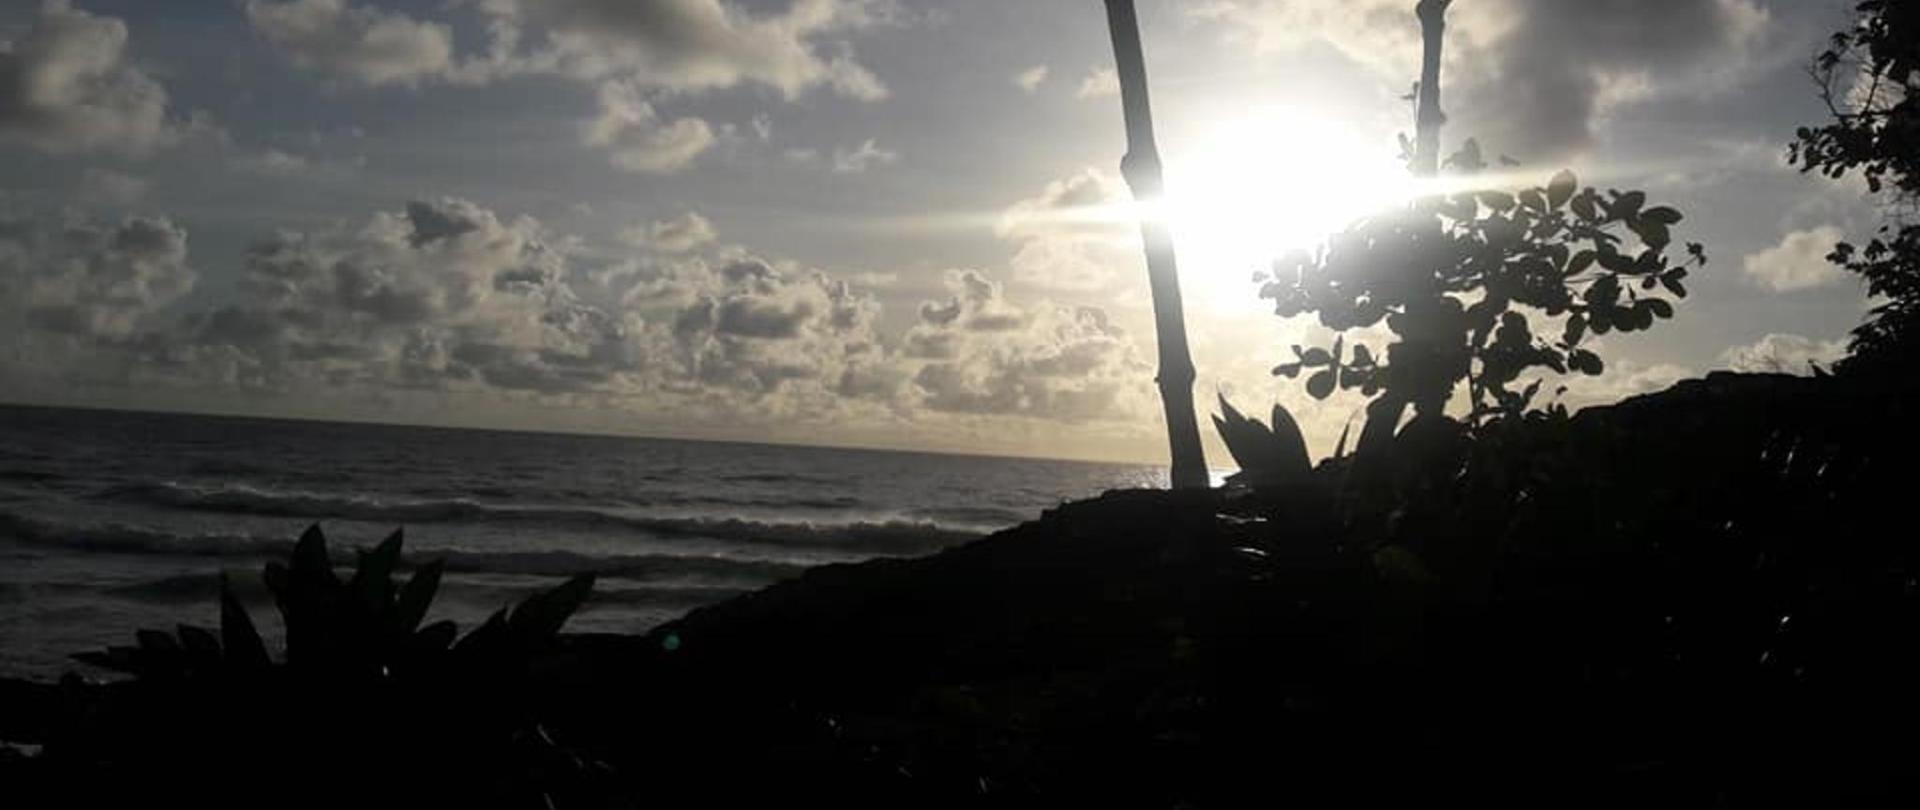 praiarenato1.jpg